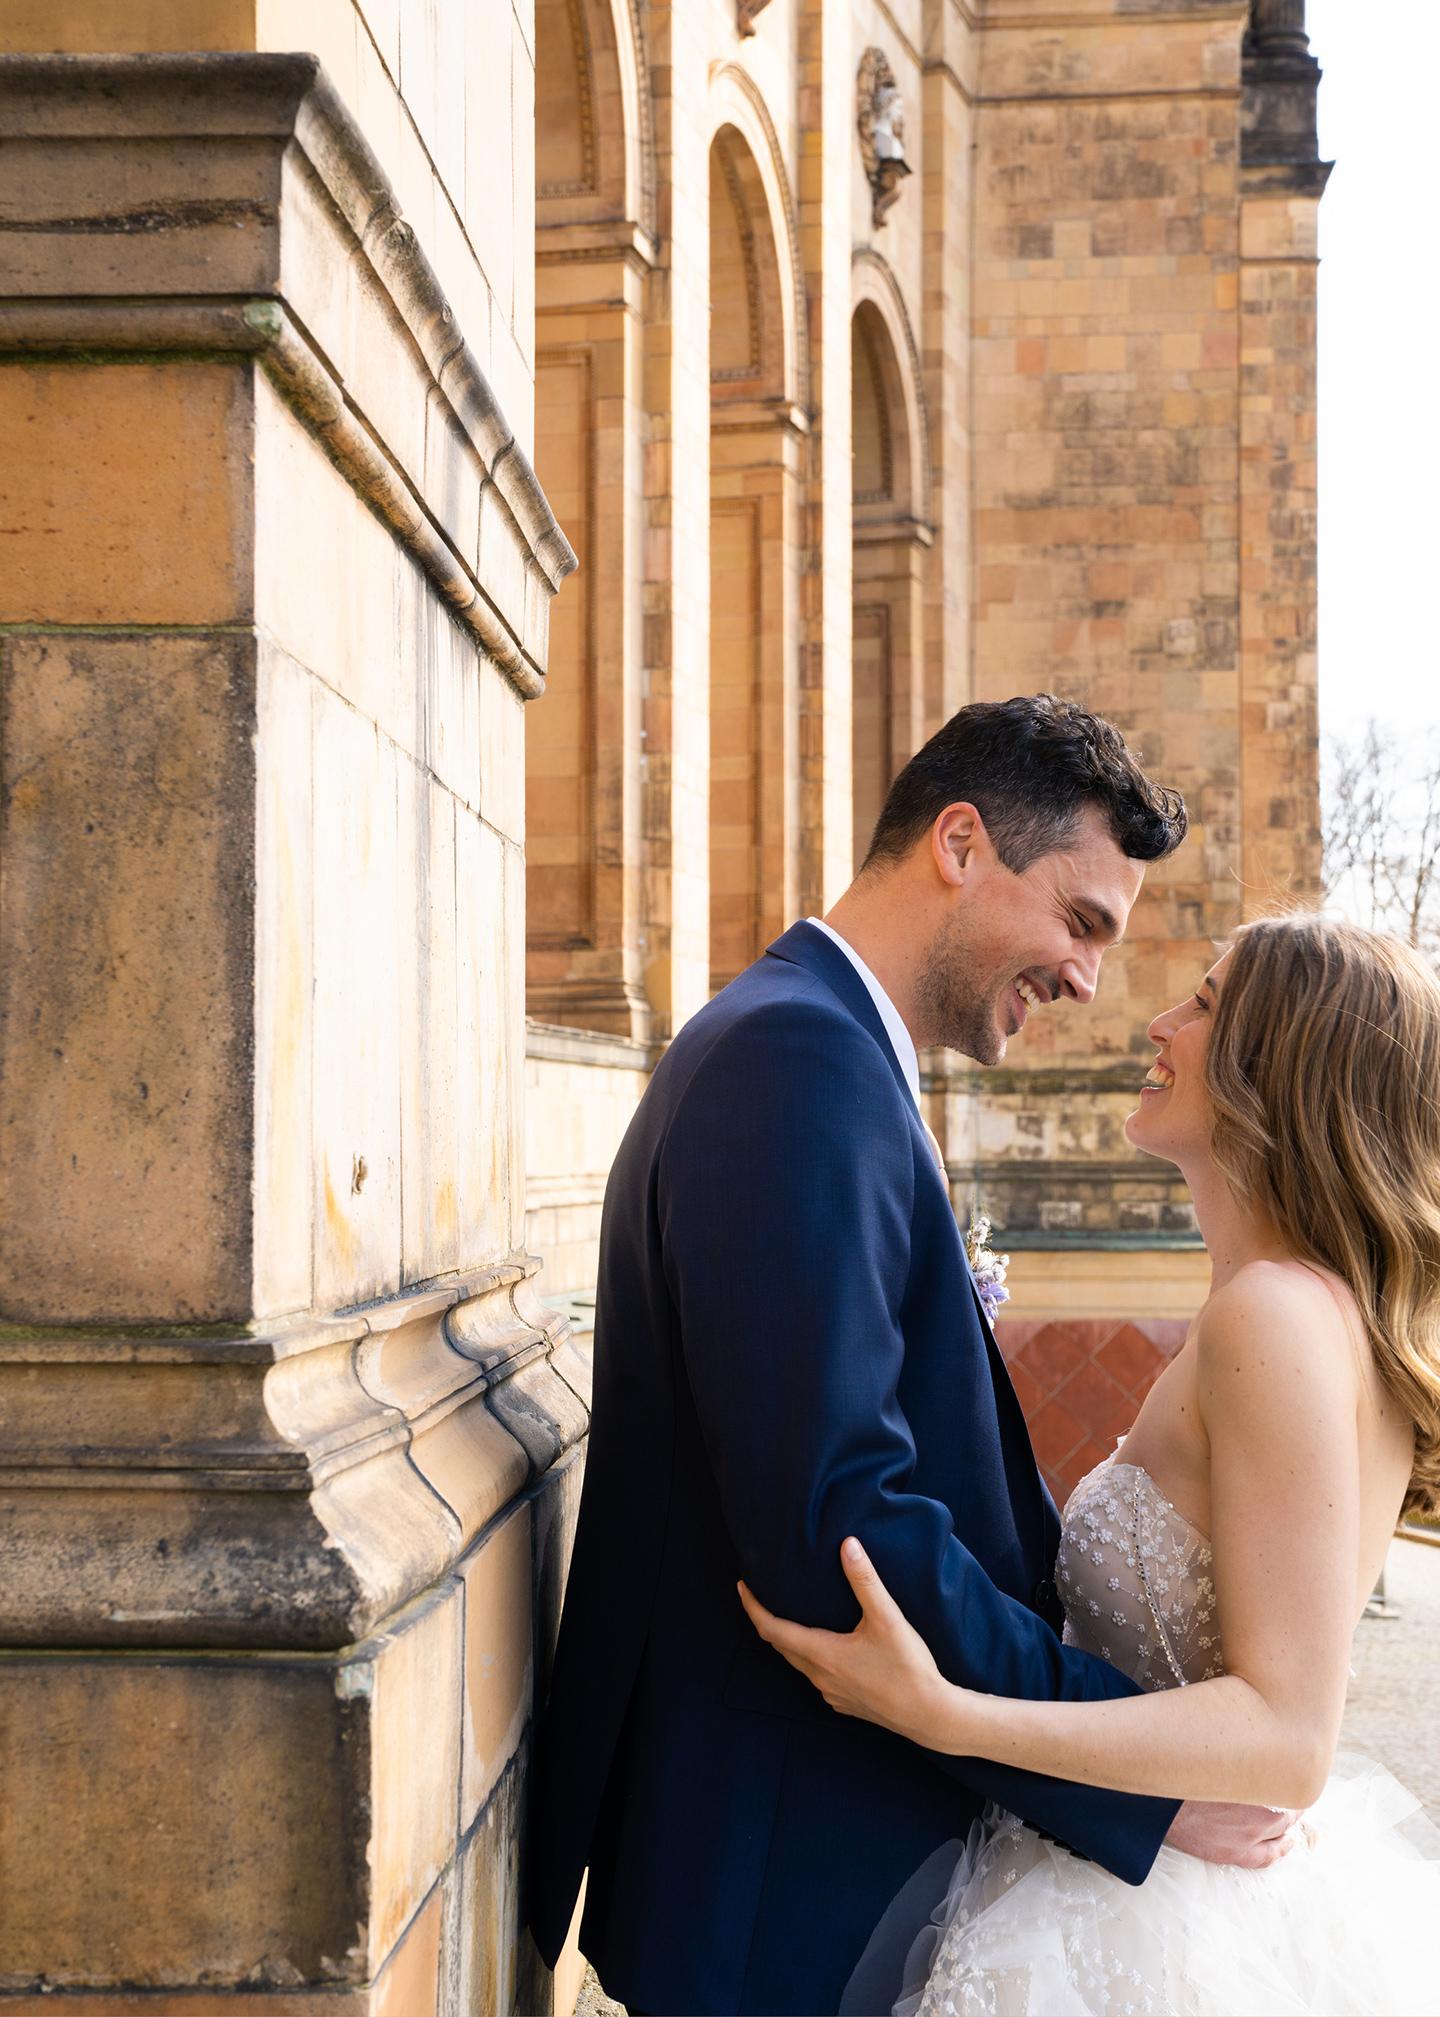 Das firsch vermählte Hochzeitspaar, bestehend aus Braut und Bräutigam schaut sich verliebt und glücklich lachend an und strahlt über das ganze Gesicht.